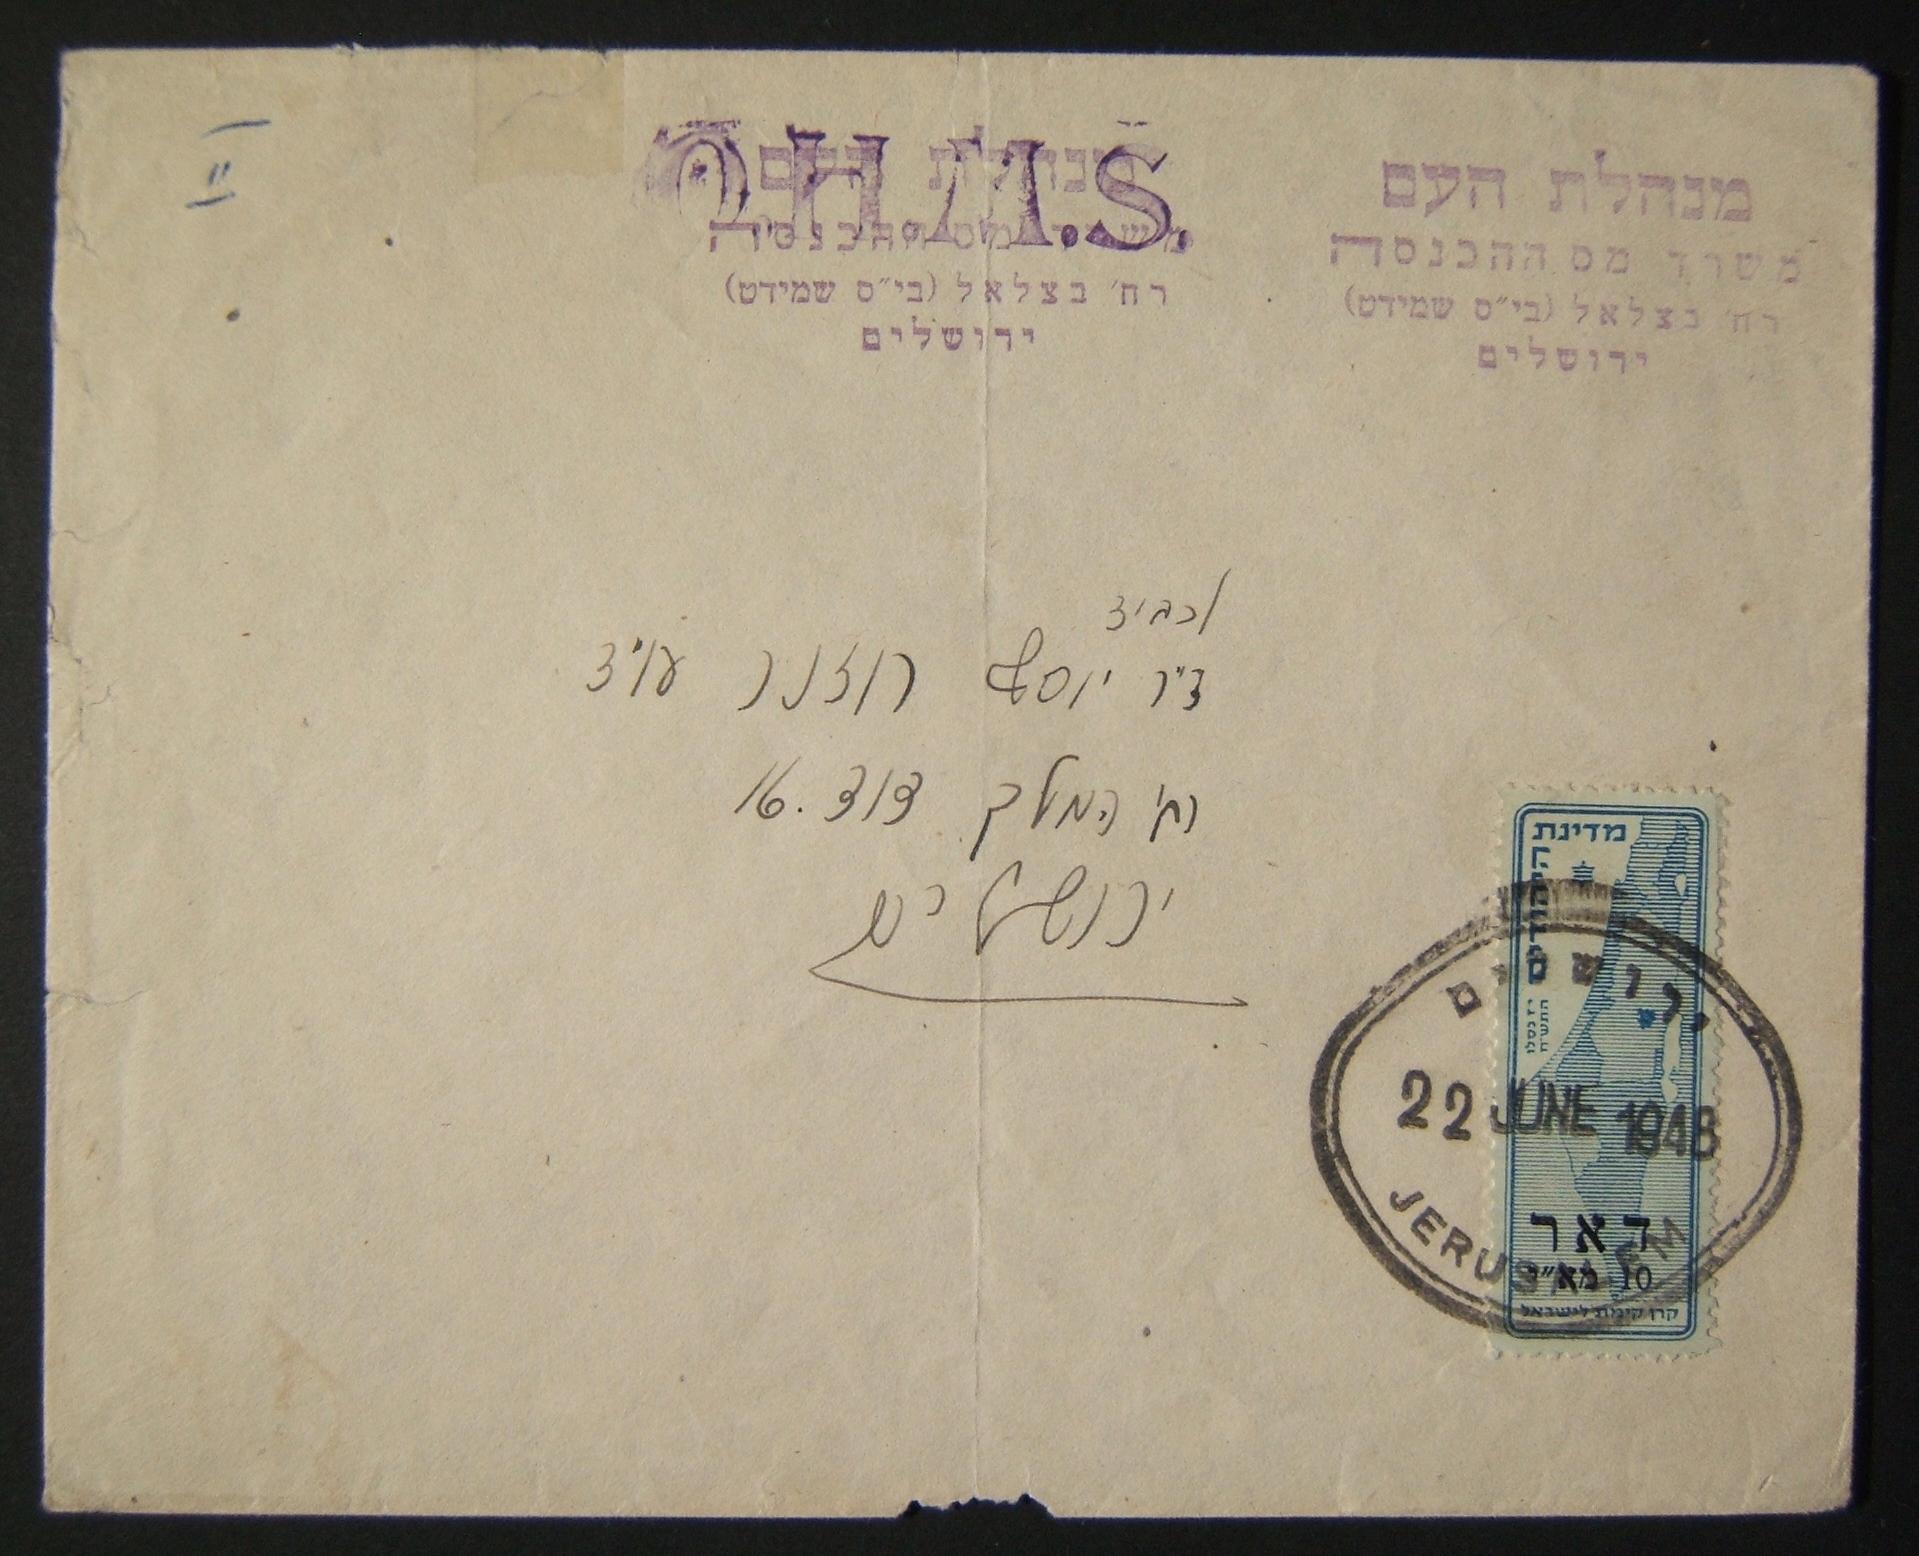 1948 דואר ירושלים המקומי עם חותמת ביניים & ביצה ביומן ביום הראשון של השימוש